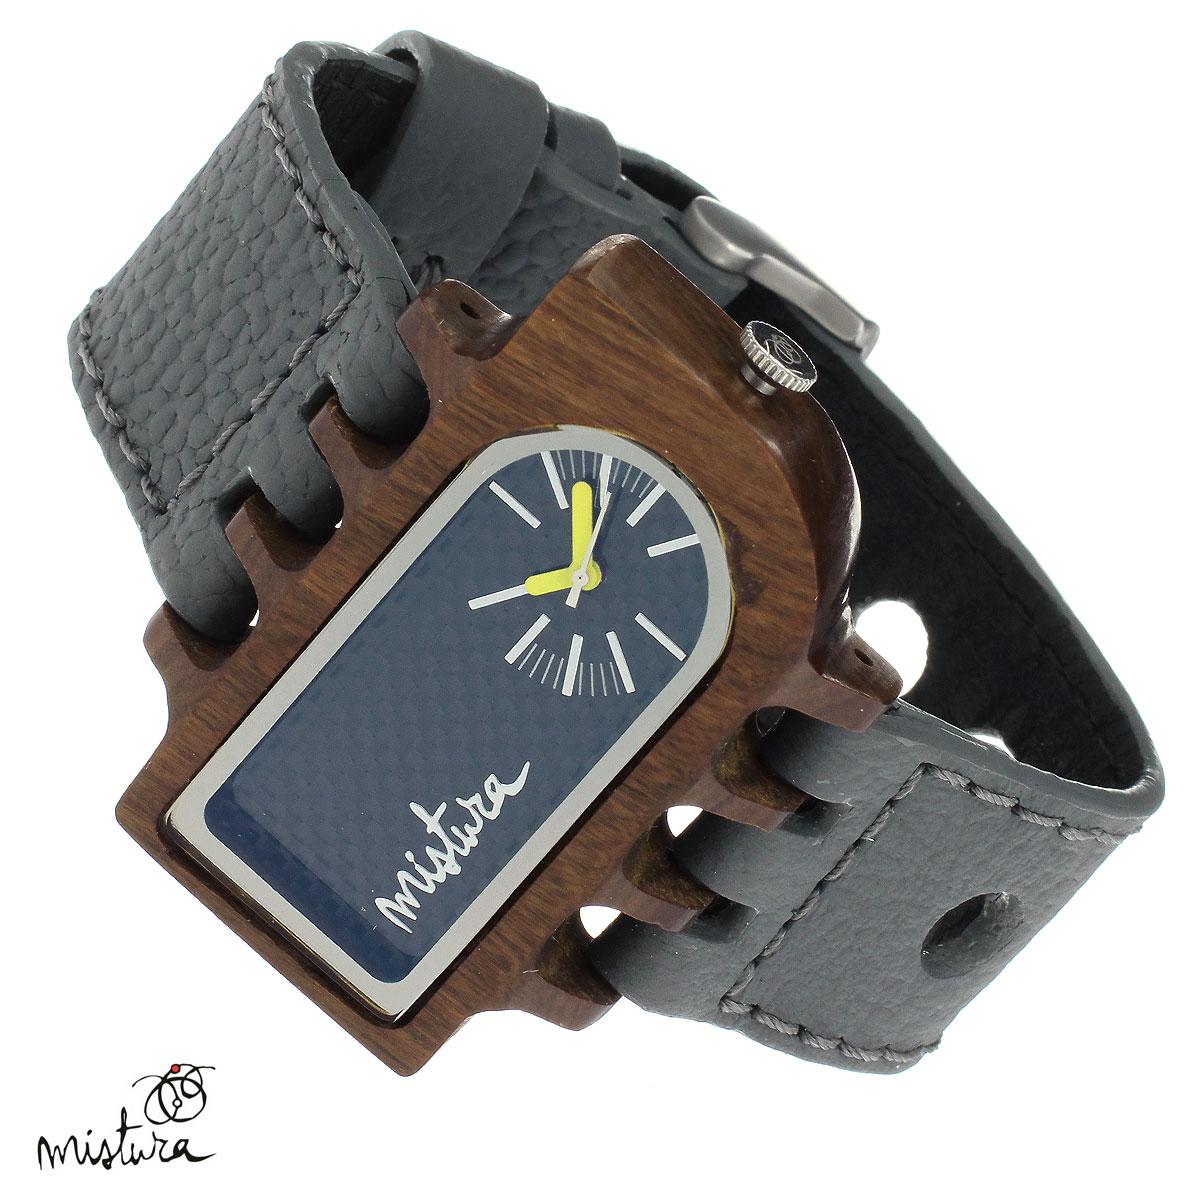 Часы наручные Mistura Umbra, цвет: серый. TP12015GYPUCFWDTP12015GYPUCFWDНаручные часы Mistura благодаря своему эксклюзивному дизайну позволят вам выделиться из толпы и подчеркнуть свою индивидуальность. Для изготовления корпуса часов используется древесина тропических лесов Колумбии с применением индивидуальных методов ее обработки. Дизайн выполняется вручную. Часы оснащены японским кварцевым механизмом MIYOTA. Широкий ремешок из натуральной кожи с фактурной поверхностью оформлен декоративной отстрочкой, застегивается на застежку с деревянным язычком. Корпус часов изготовлен из дерева пуи. Циферблат оформлен отметками и защищен минеральным стеклом. Часы имеют функцию защиты от брызг, вы можете находиться в них под дождем в течение недолгого времени. Изделие упаковано в фирменную коробку с логотипом компании Mistura. Часы марки Mistura идеально подходят молодым и уверенным в себе людям, ценящим качество, практичность и индивидуальность в каждой детали. Каждая модель оснащена оригинальным дизайнерским корпусом, а...